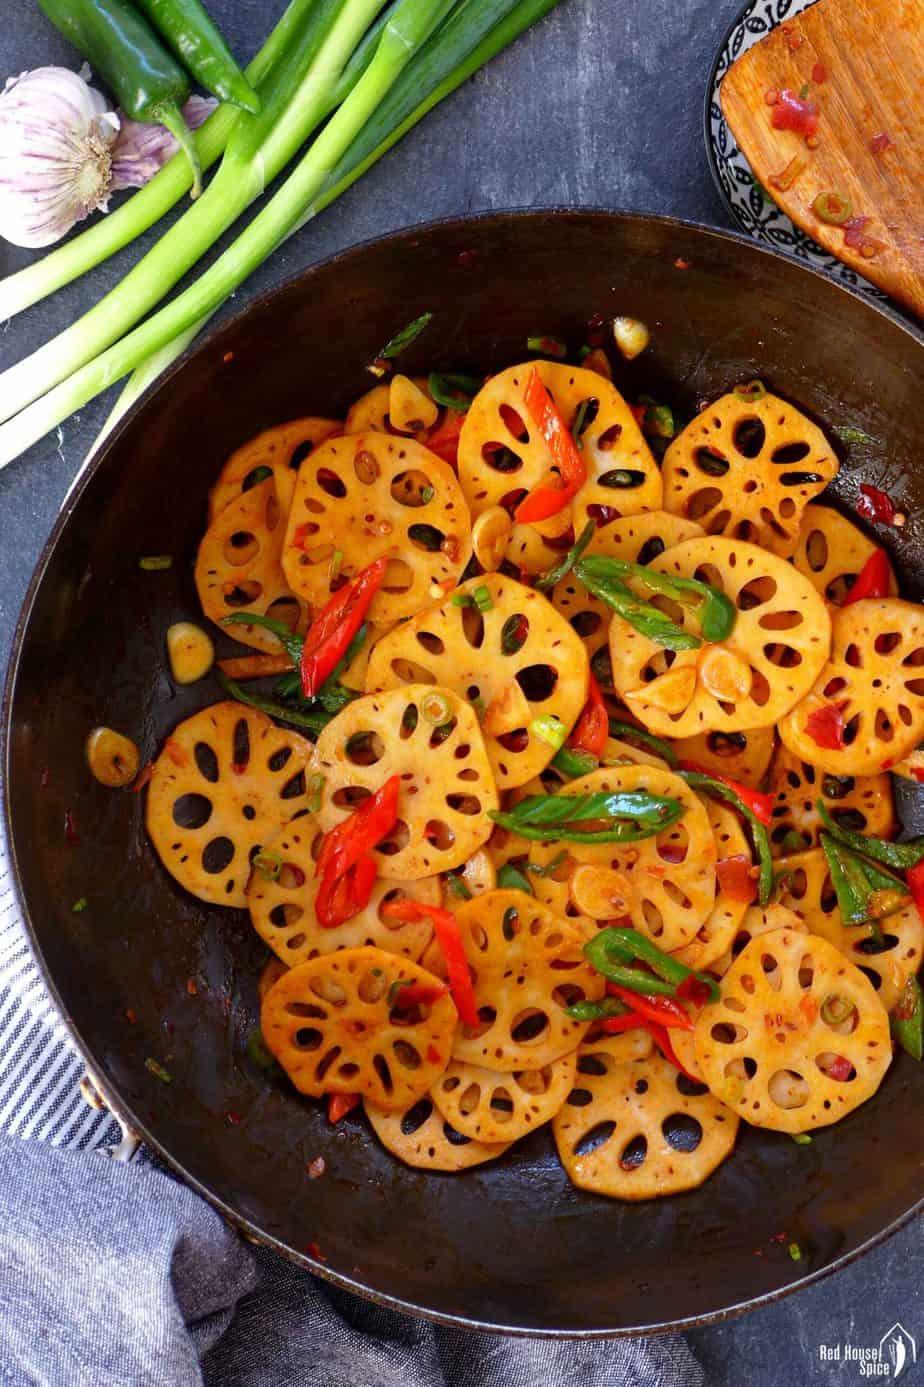 Stir-fried lotus root